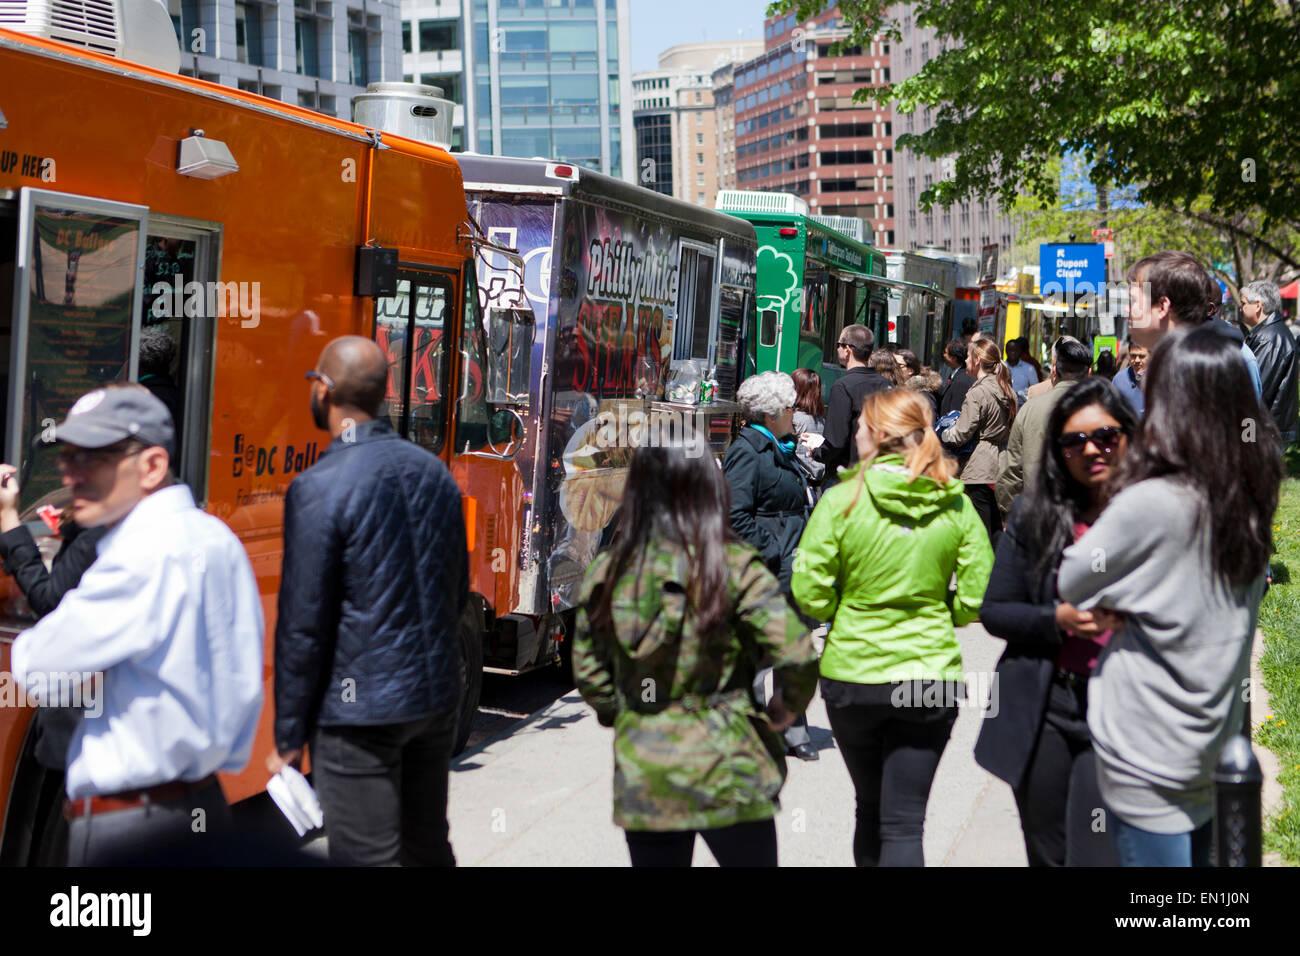 Les camions de nourriture s'alignent sur une rue urbaine - Washington, DC USA Photo Stock